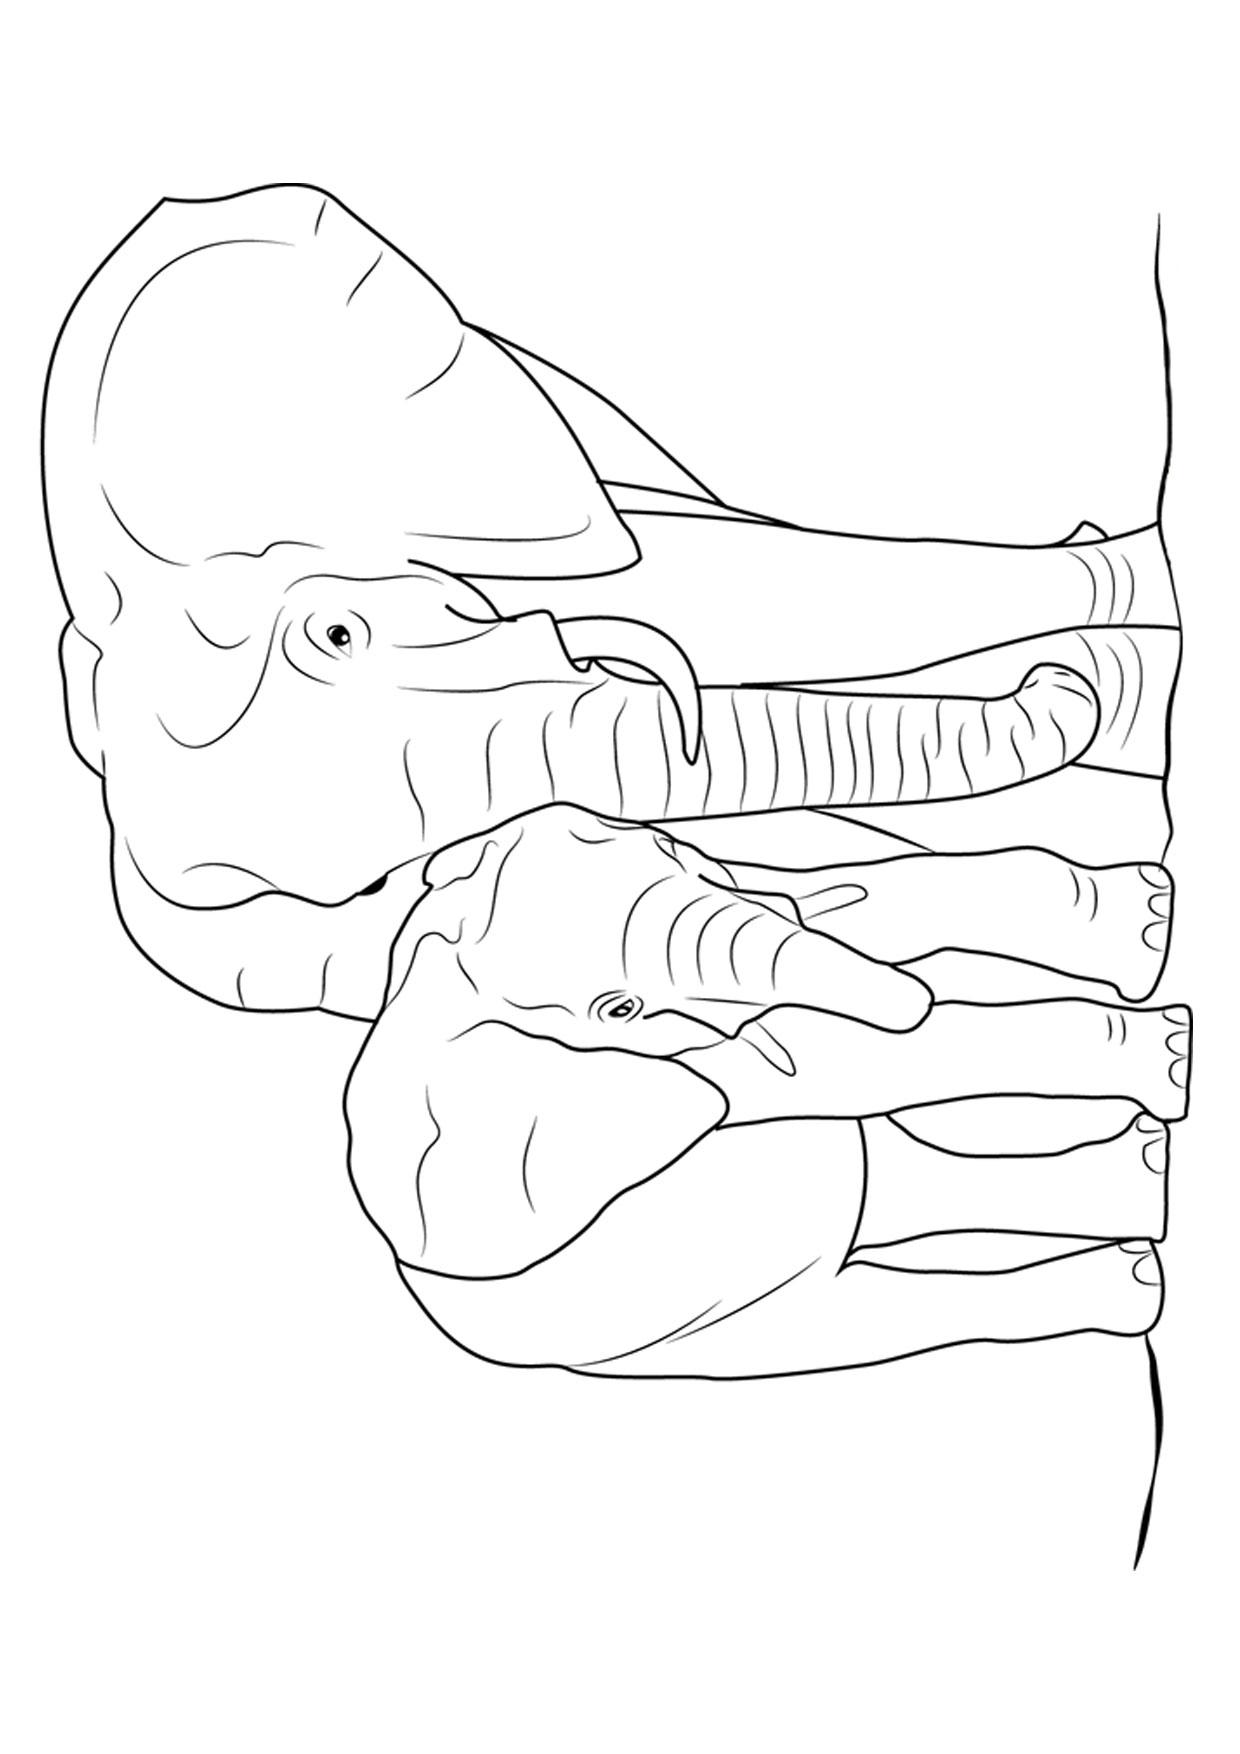 Disegno di elefanti da colorare 07